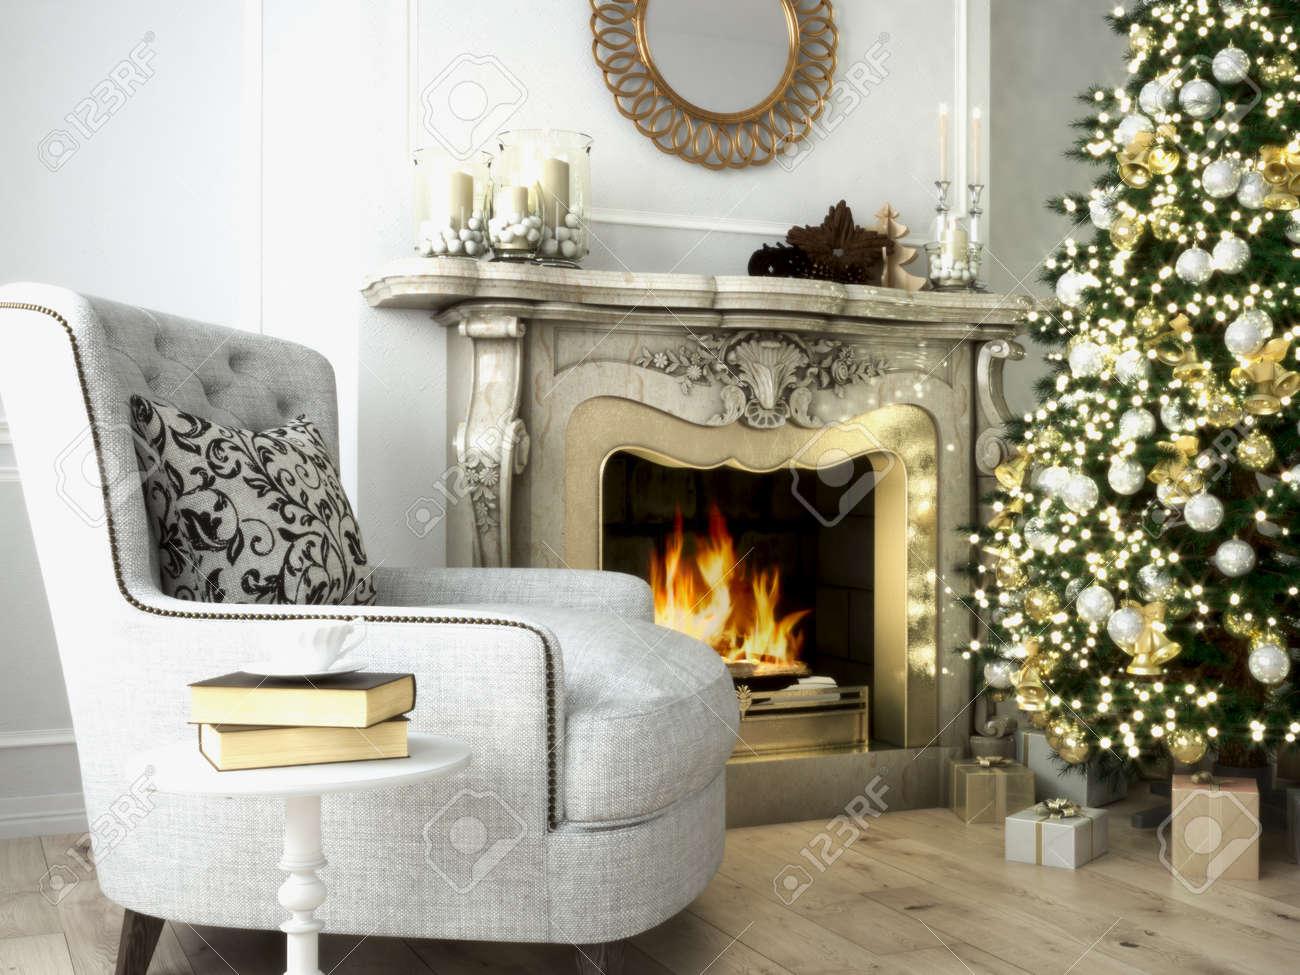 Weihnachten Wohnzimmer Mit Einem Baum Und Einem Kamin. 3D Rendering  Lizenzfreie Bilder   48558910